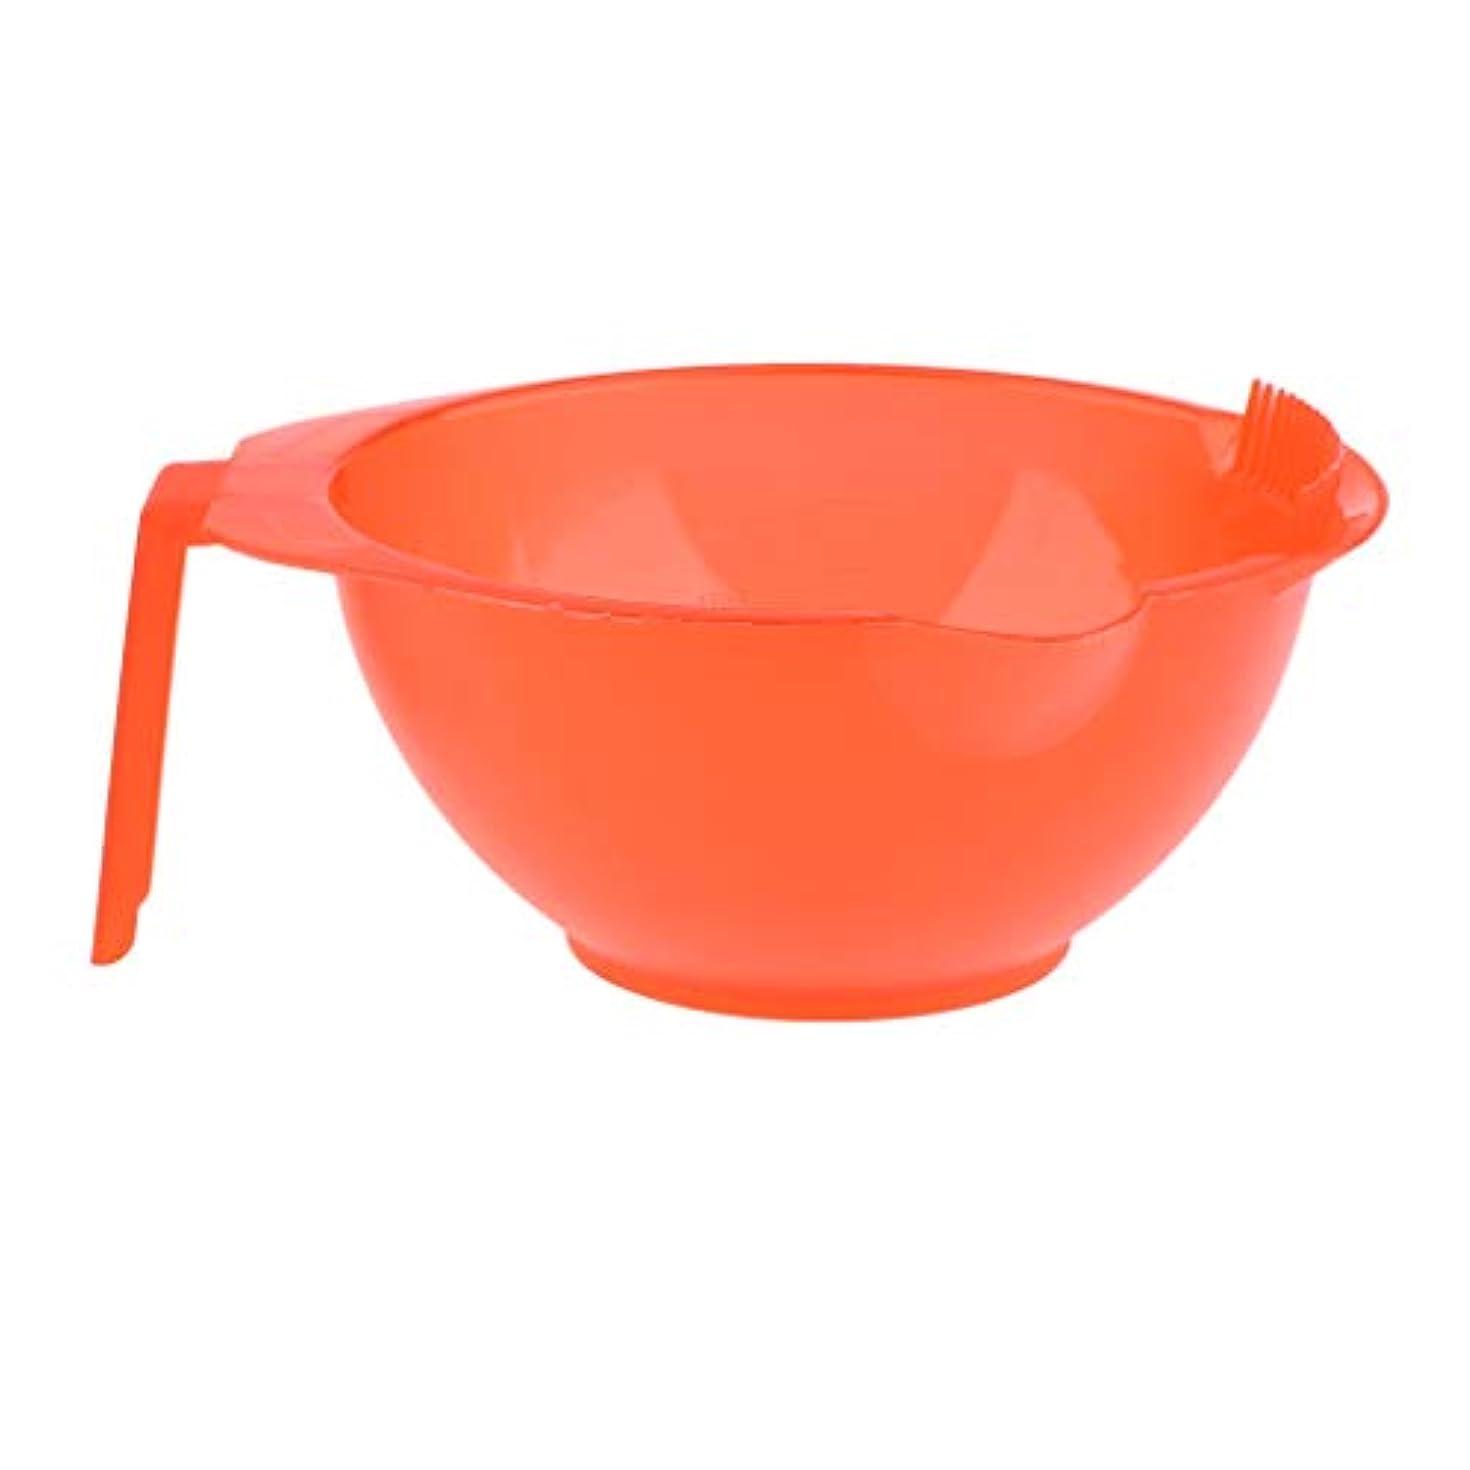 ベルベット理容室ハイブリッドヘアダイ ヘアカラー カップ 髪染め プラスチック製 家庭用 美容師 プロ用 5色選べ - 赤